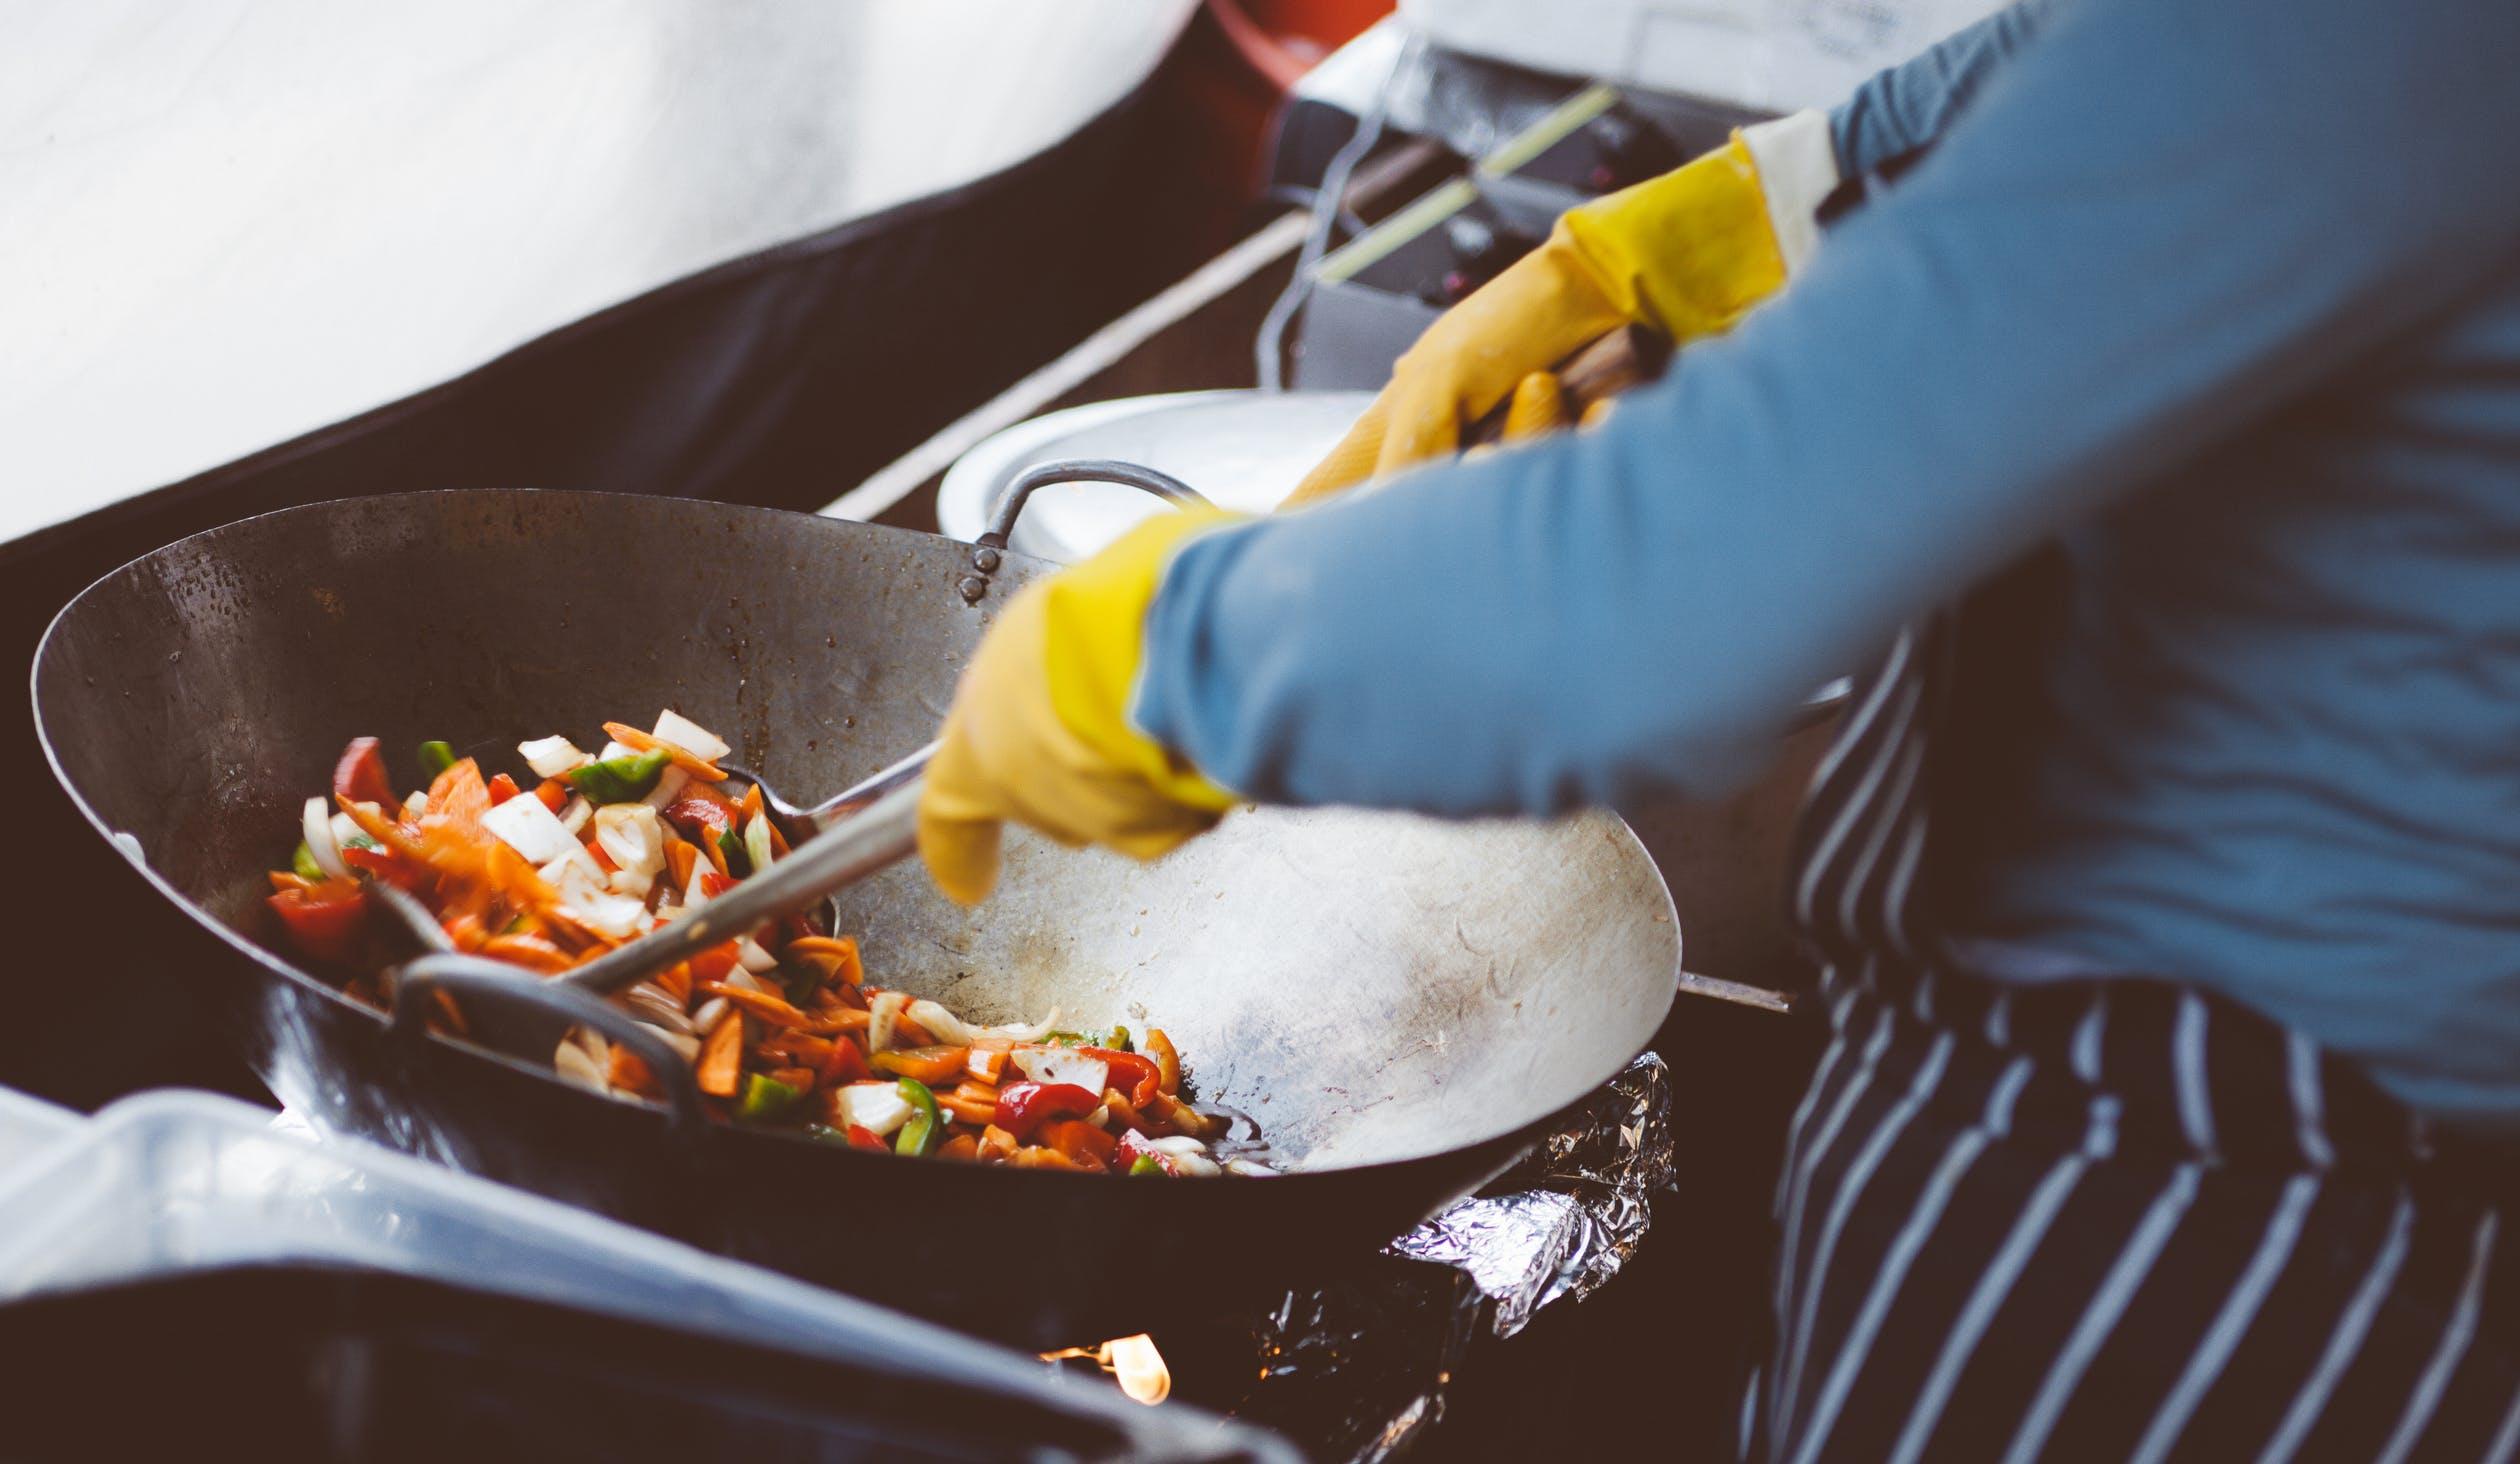 impacto del desperdicio de alimentos